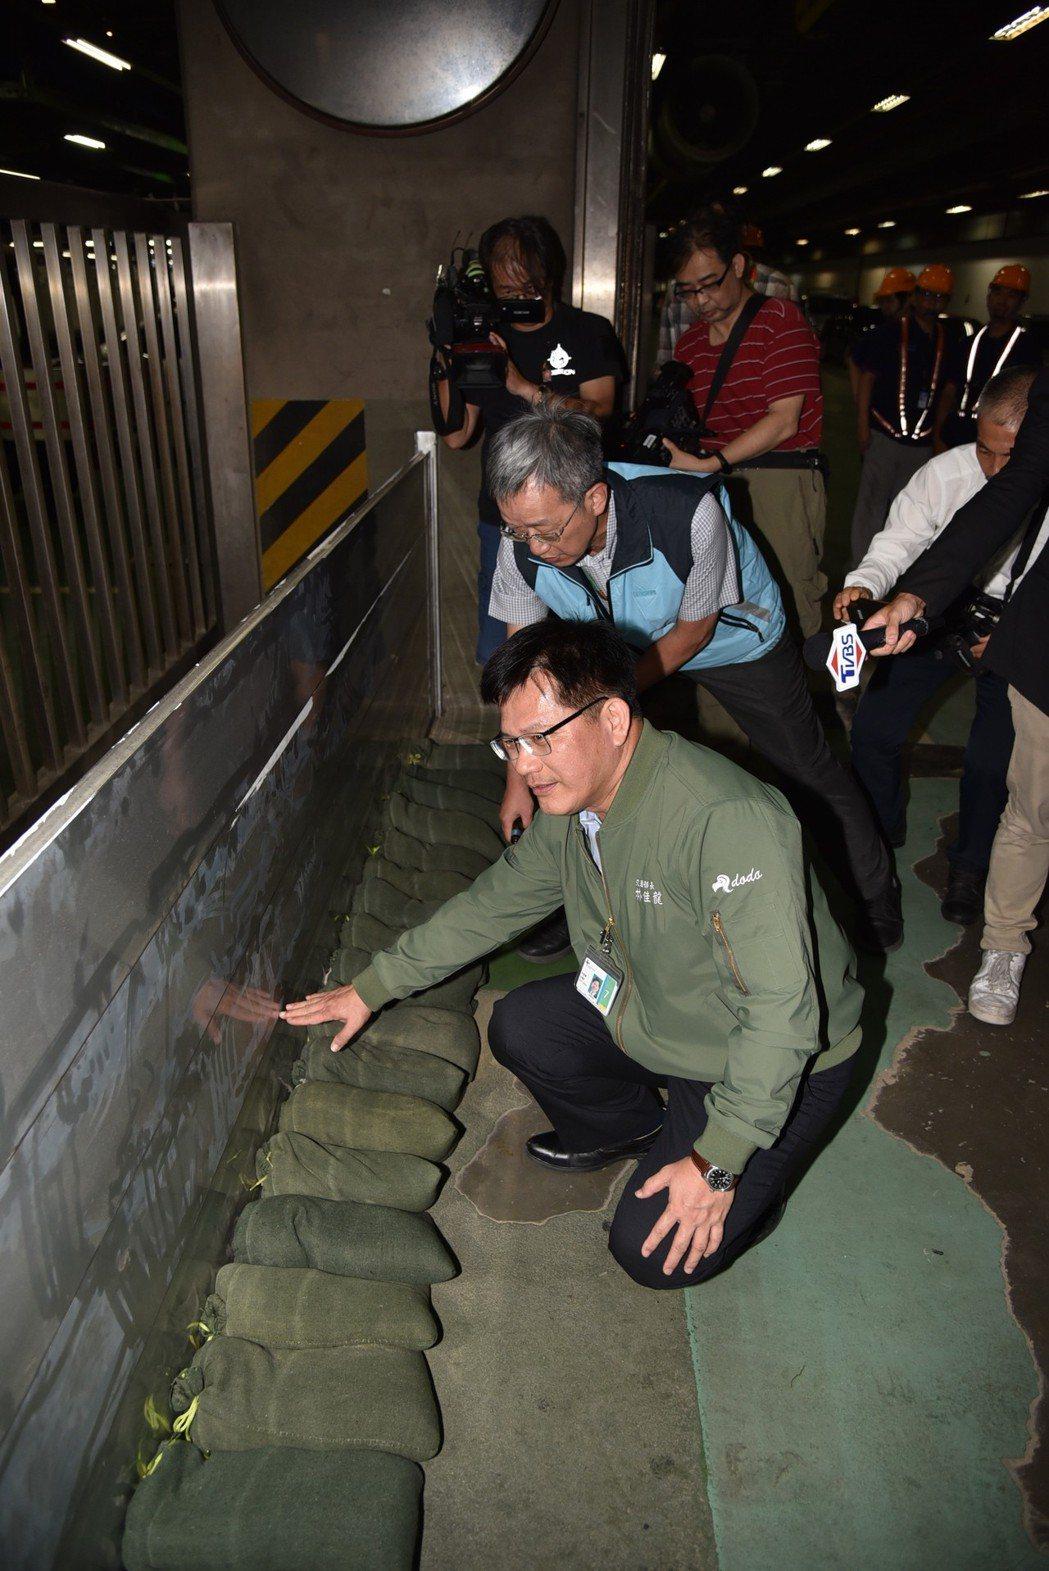 颱風即將來襲,桃園機場做好防災整備,備妥4,550包沙包、66座防水匣門,交通部...